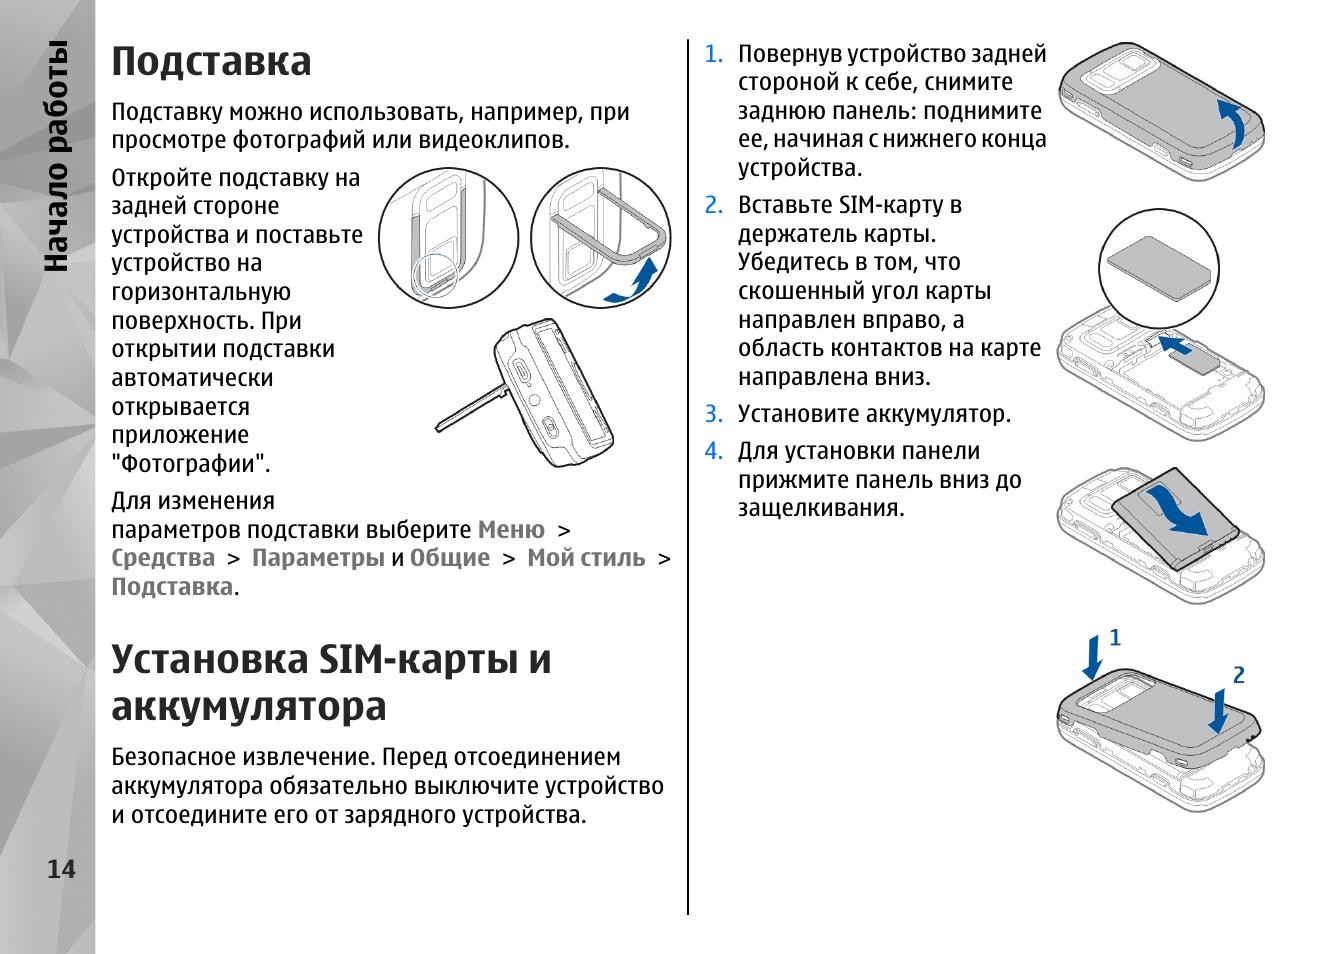 Подставка, Установка sim-карты и аккумулятора, Нача ло работы Инструкция по эксплуатации Nokia N86 8MP Страница 14 / 201